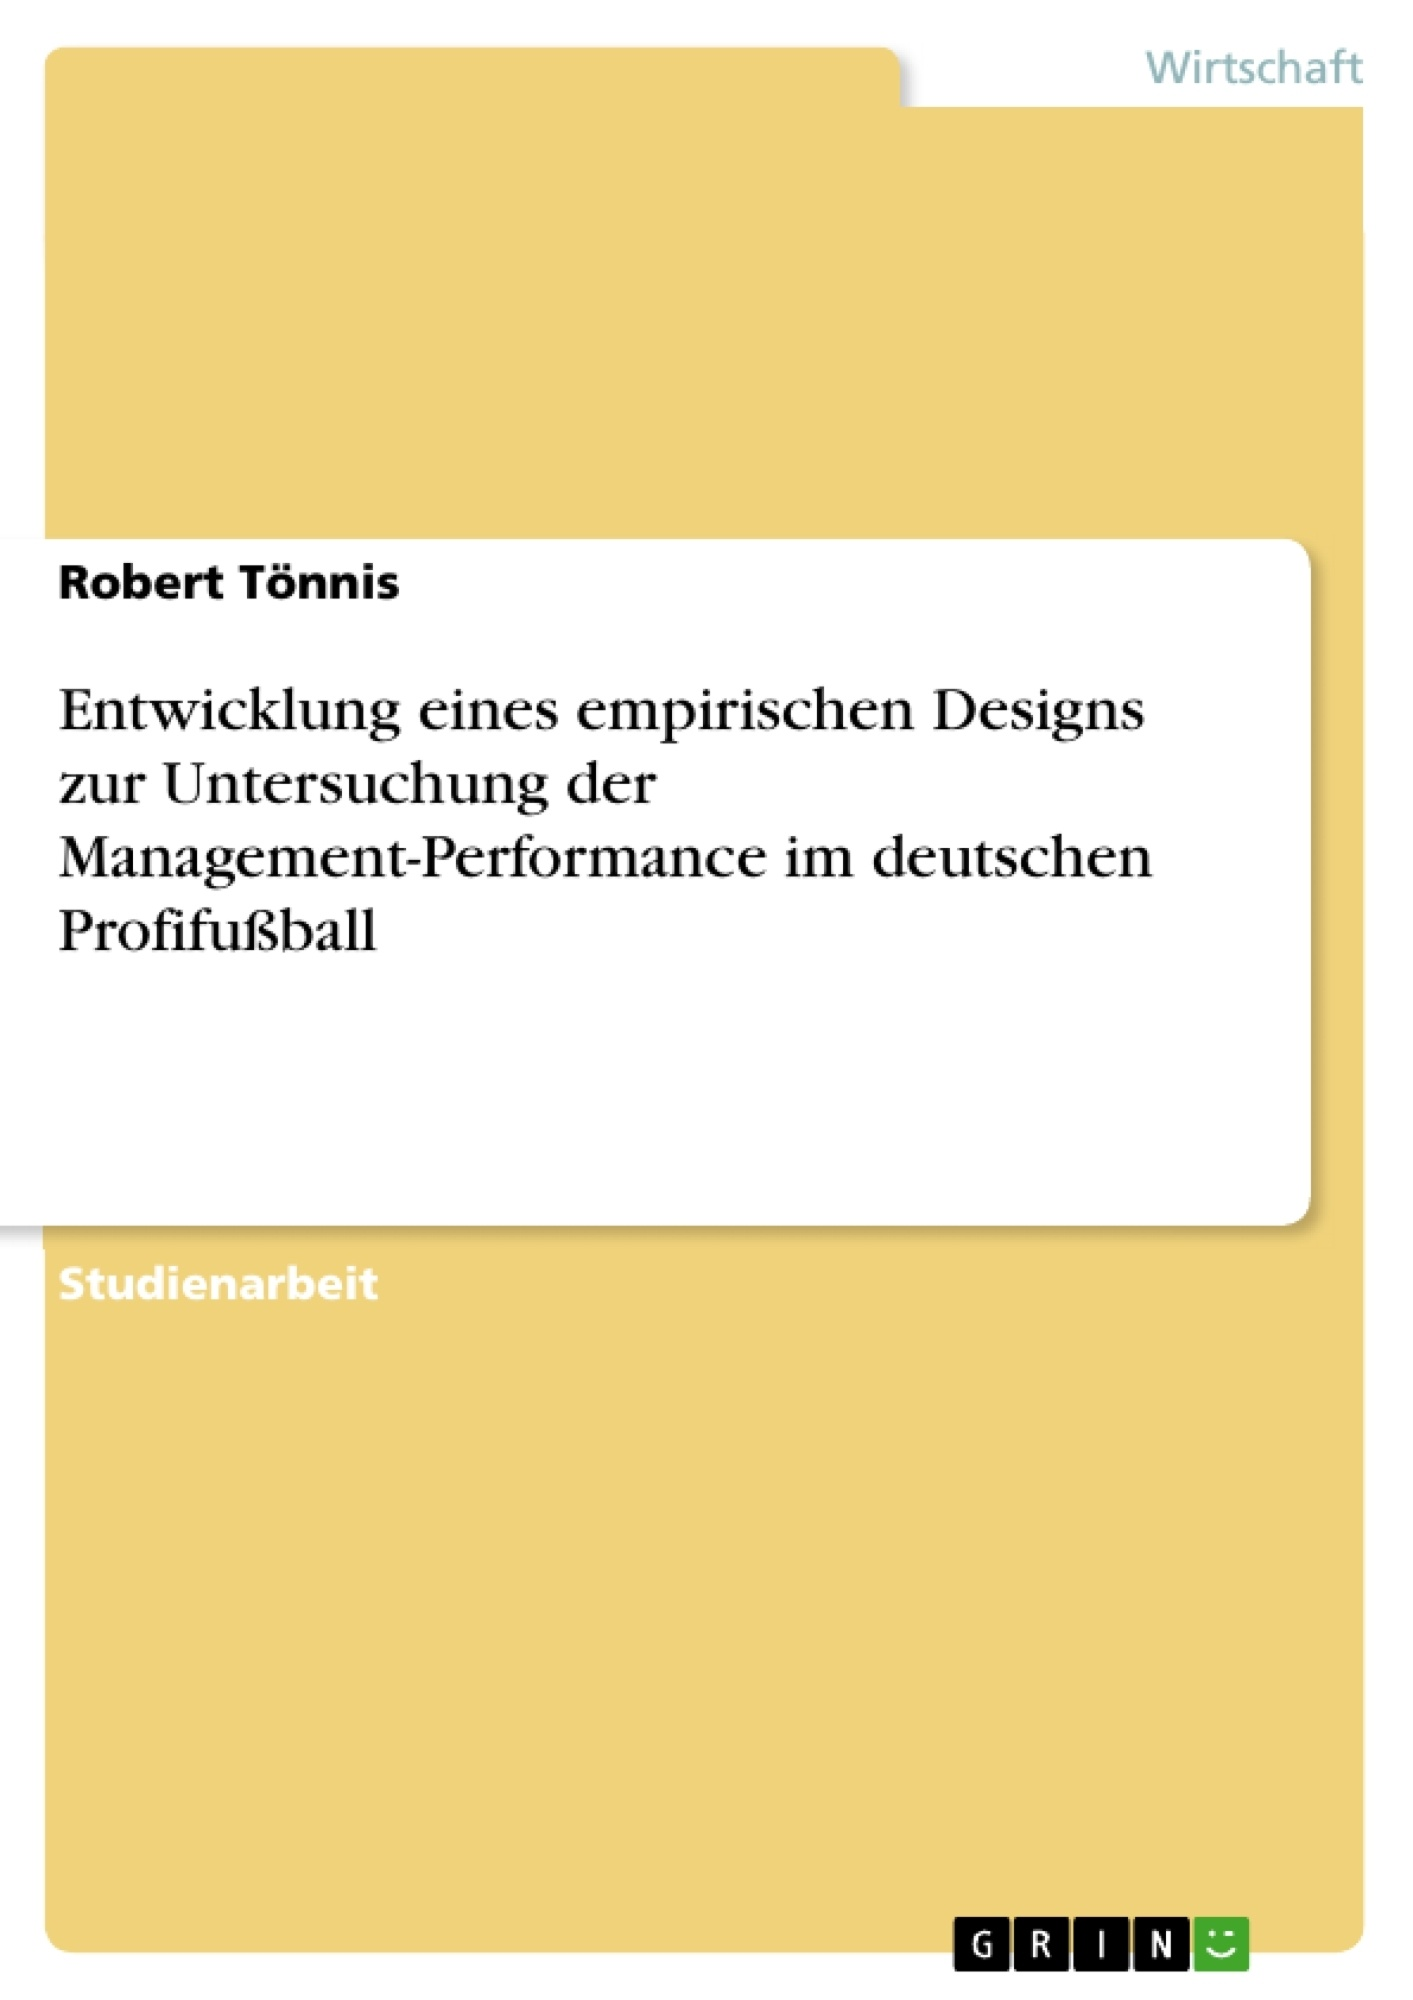 Titel: Entwicklung eines empirischen Designs zur Untersuchung der Management-Performance im deutschen Profifußball